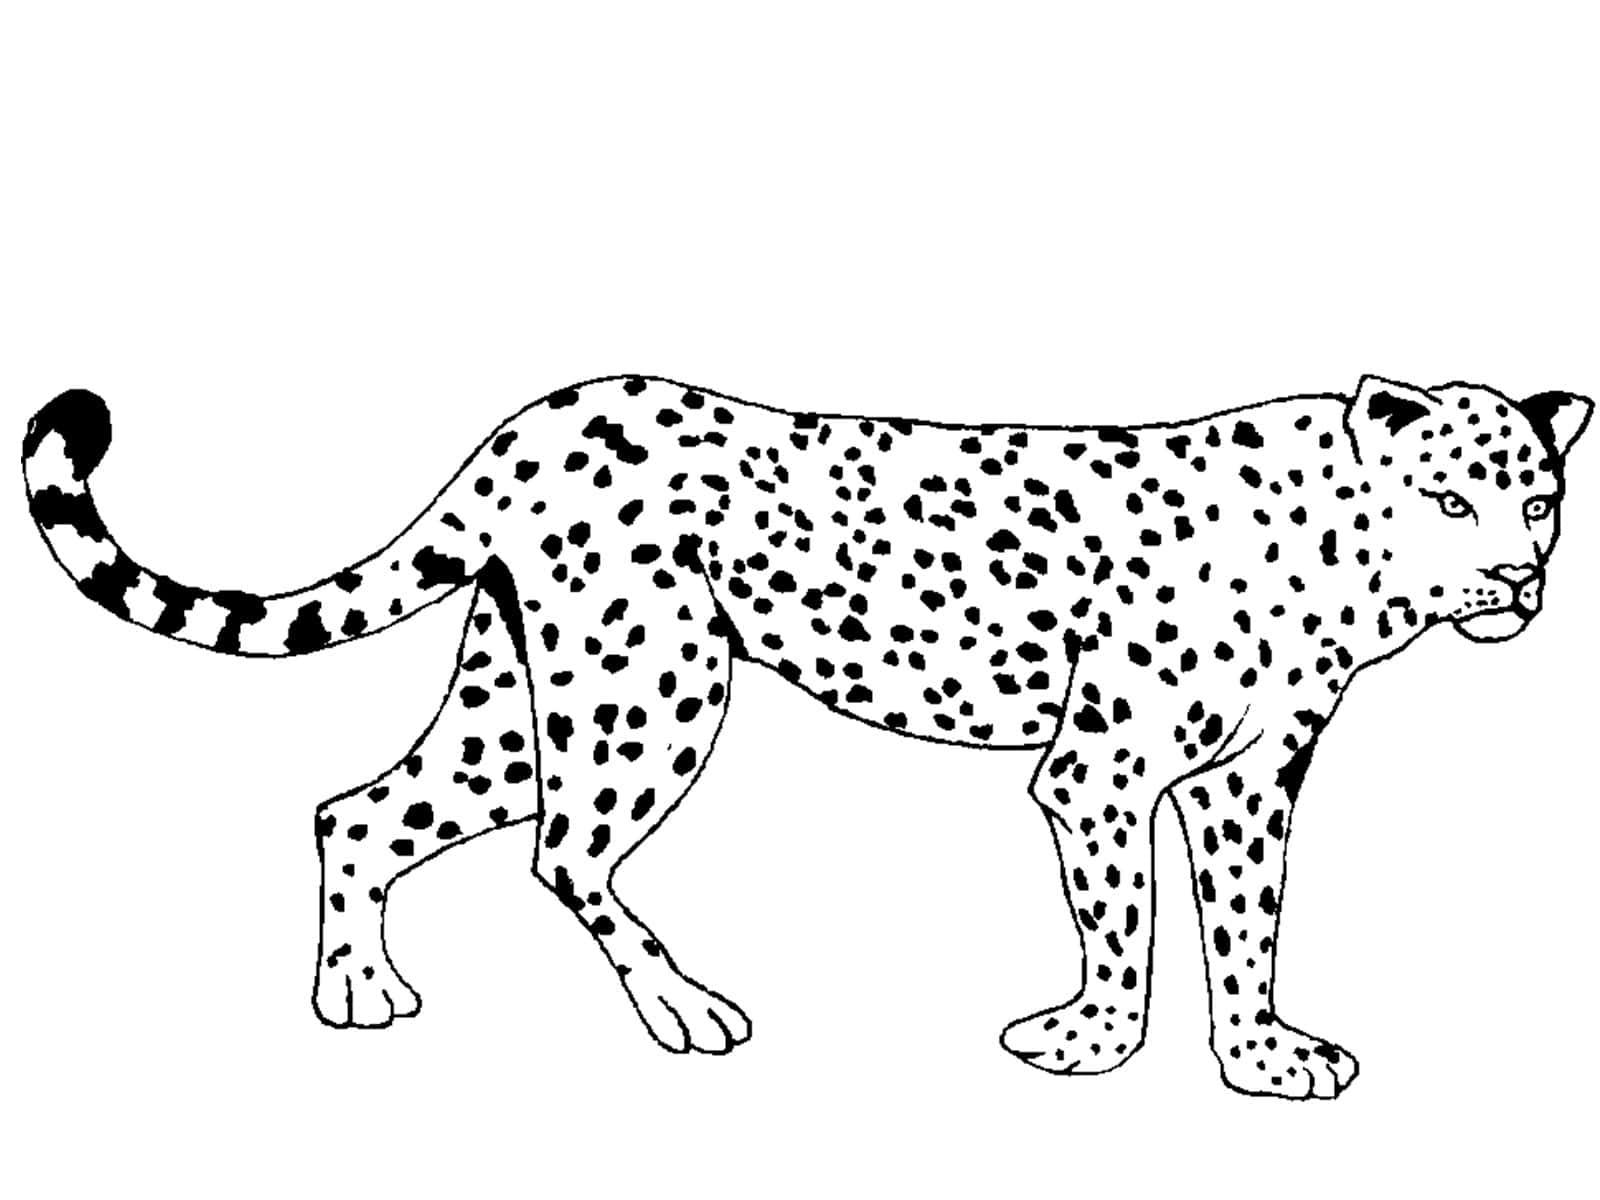 Coloriages pour garçons de 10 ans. Imprimer gratuitement, 100 images